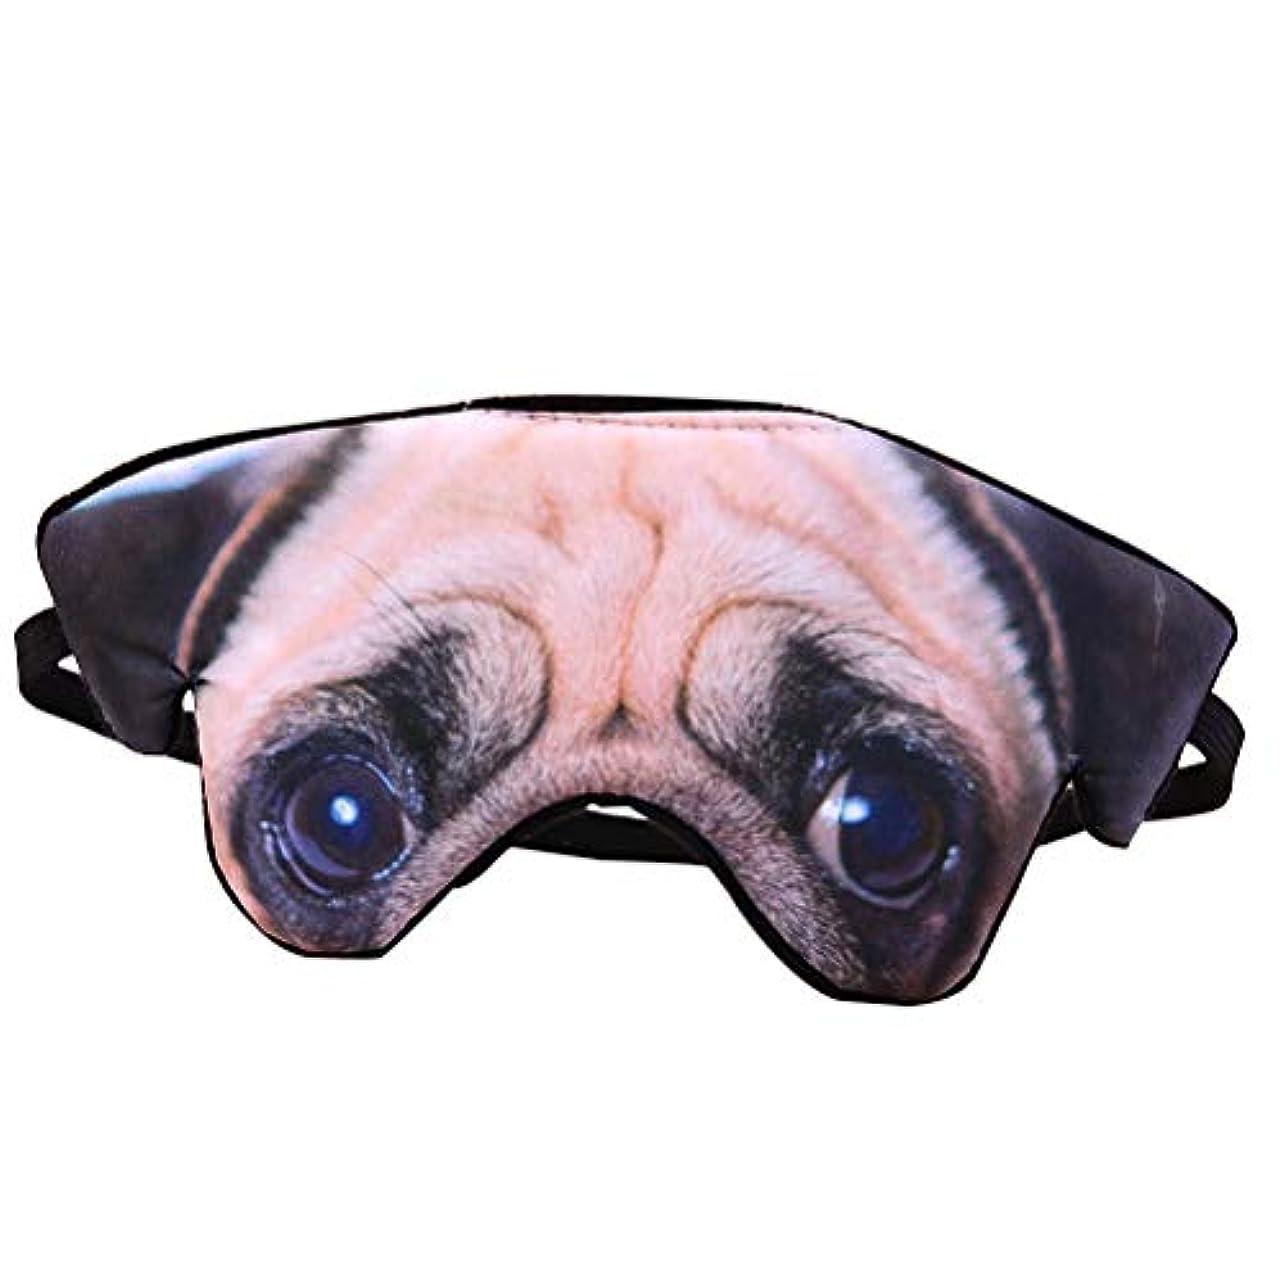 雑多な満員絶滅させるHEALIFTY 睡眠目隠し3D犬のパターンアイマスクファニーシェードナップカバー目隠し睡眠マスク目の眠りゴーグル(Pug)